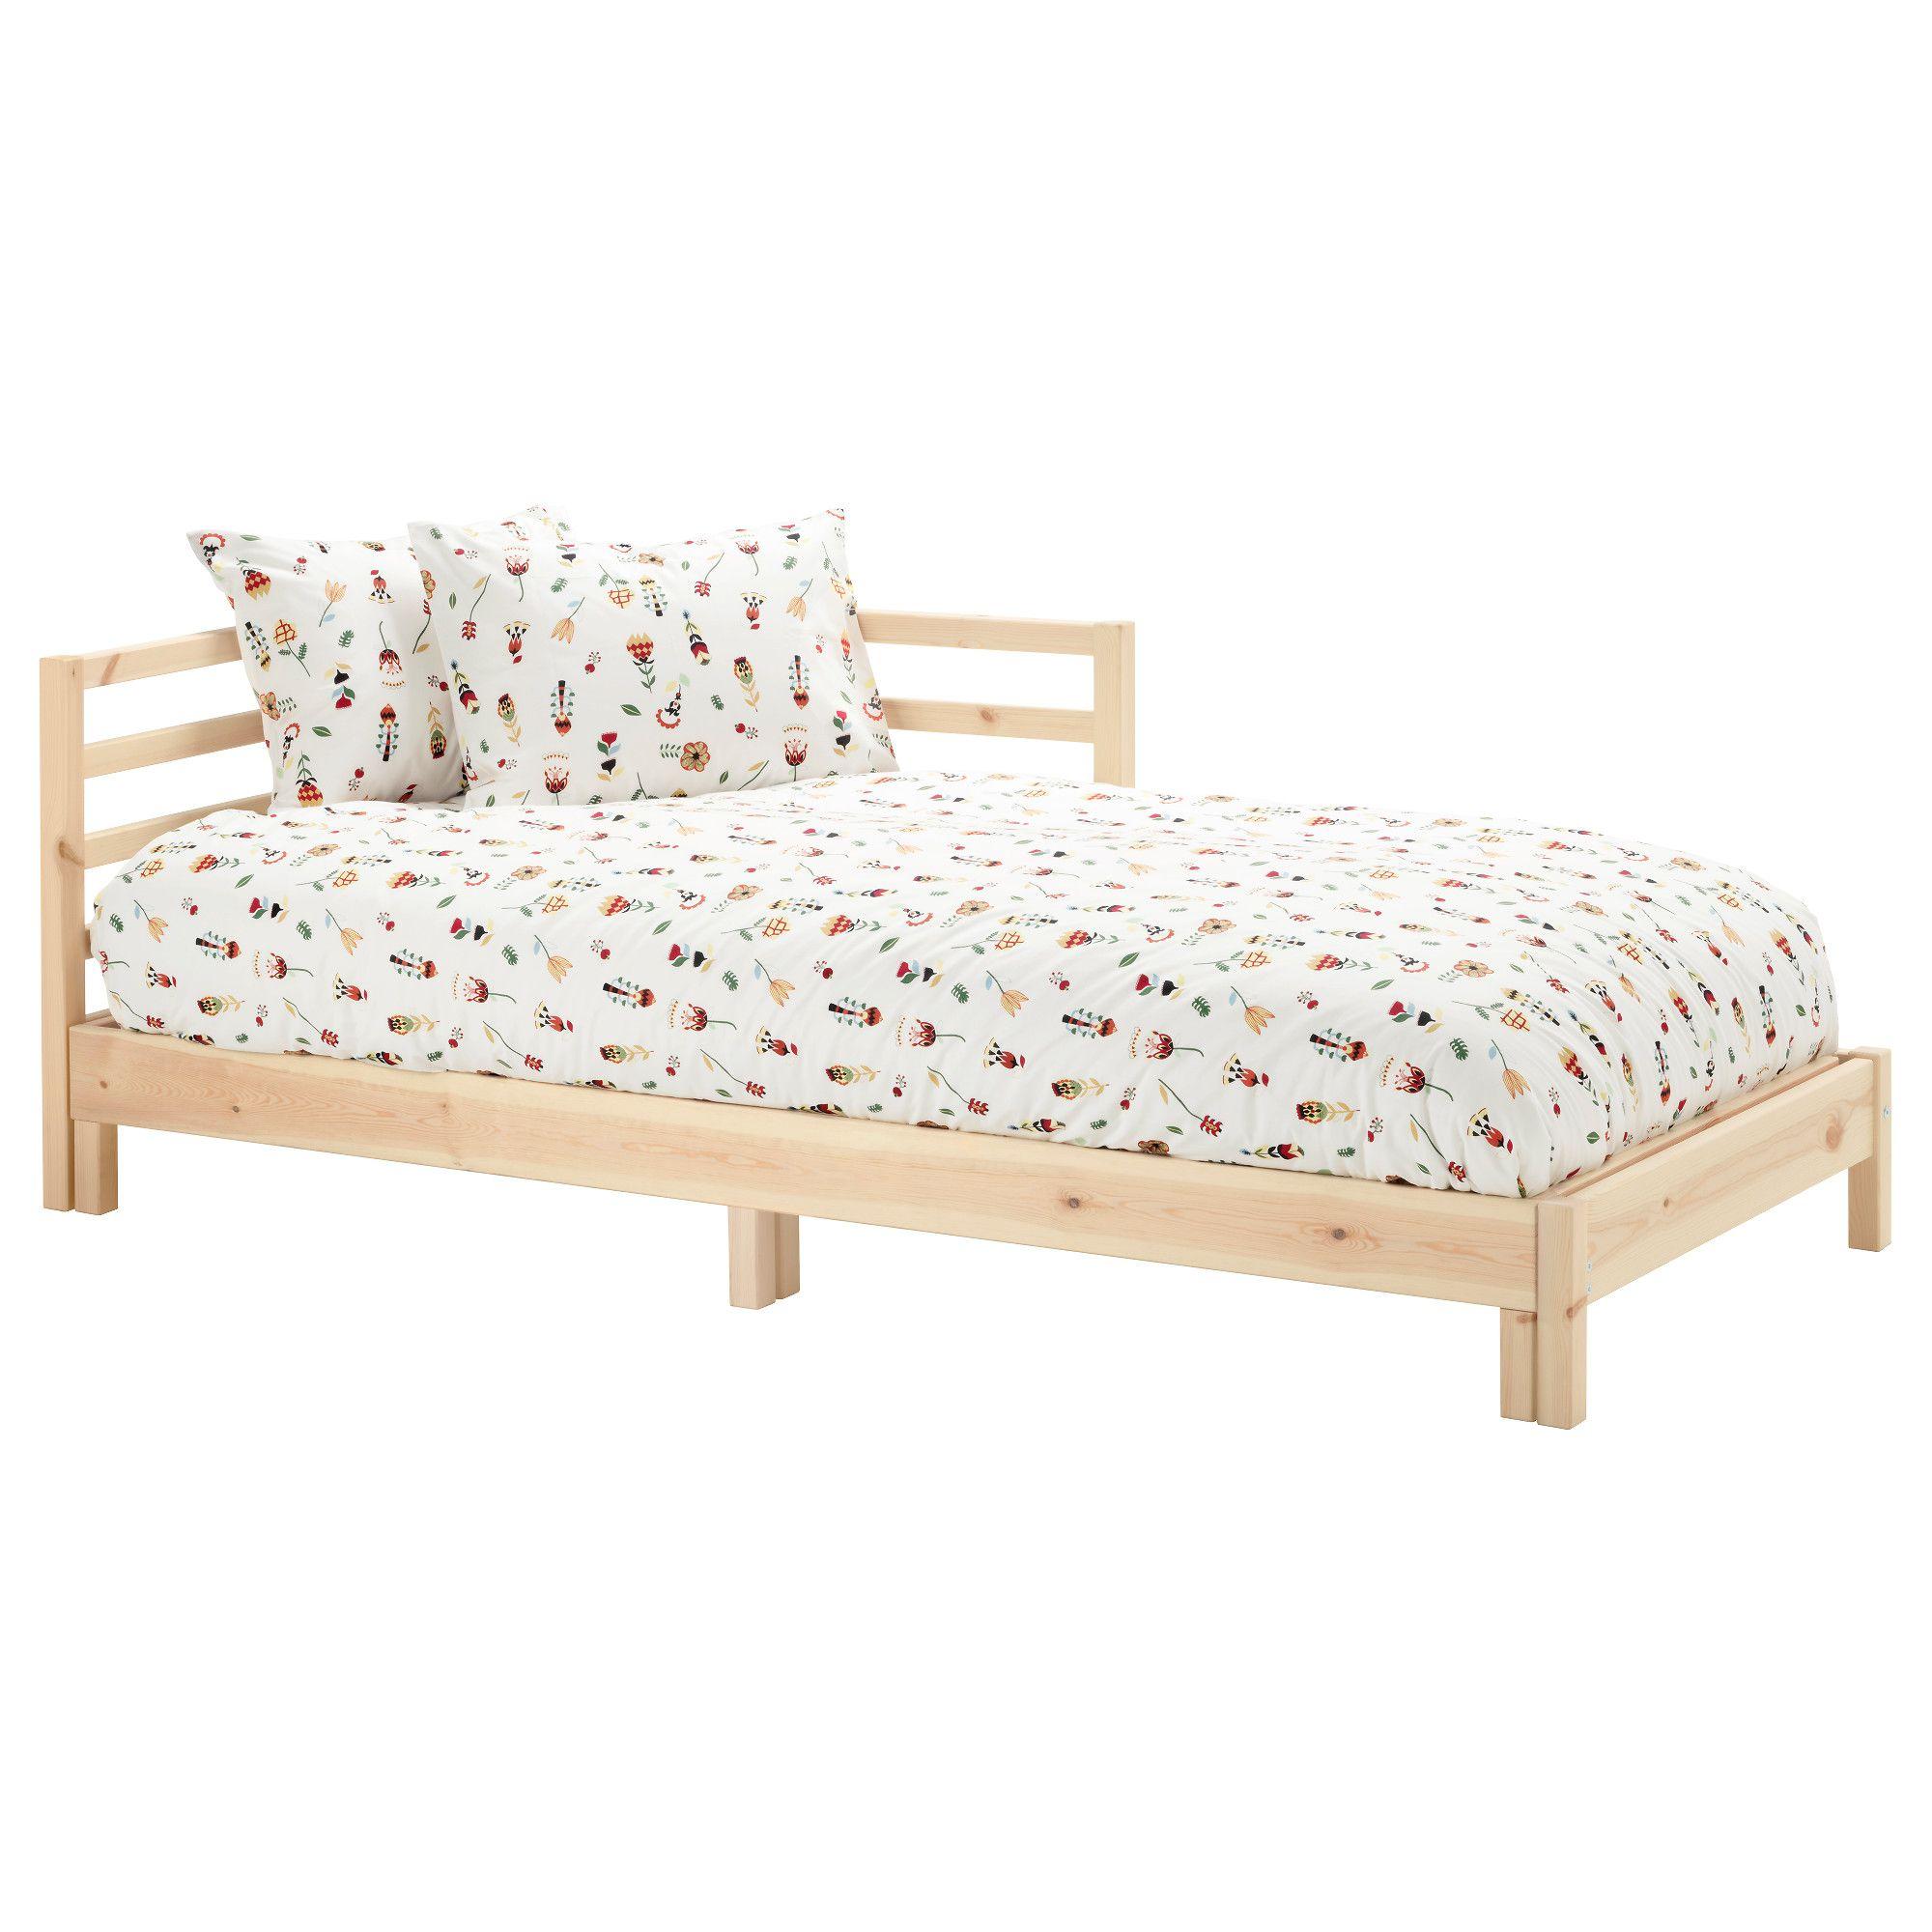 TARVA Estructura de diván, pino | Camas y Decoración